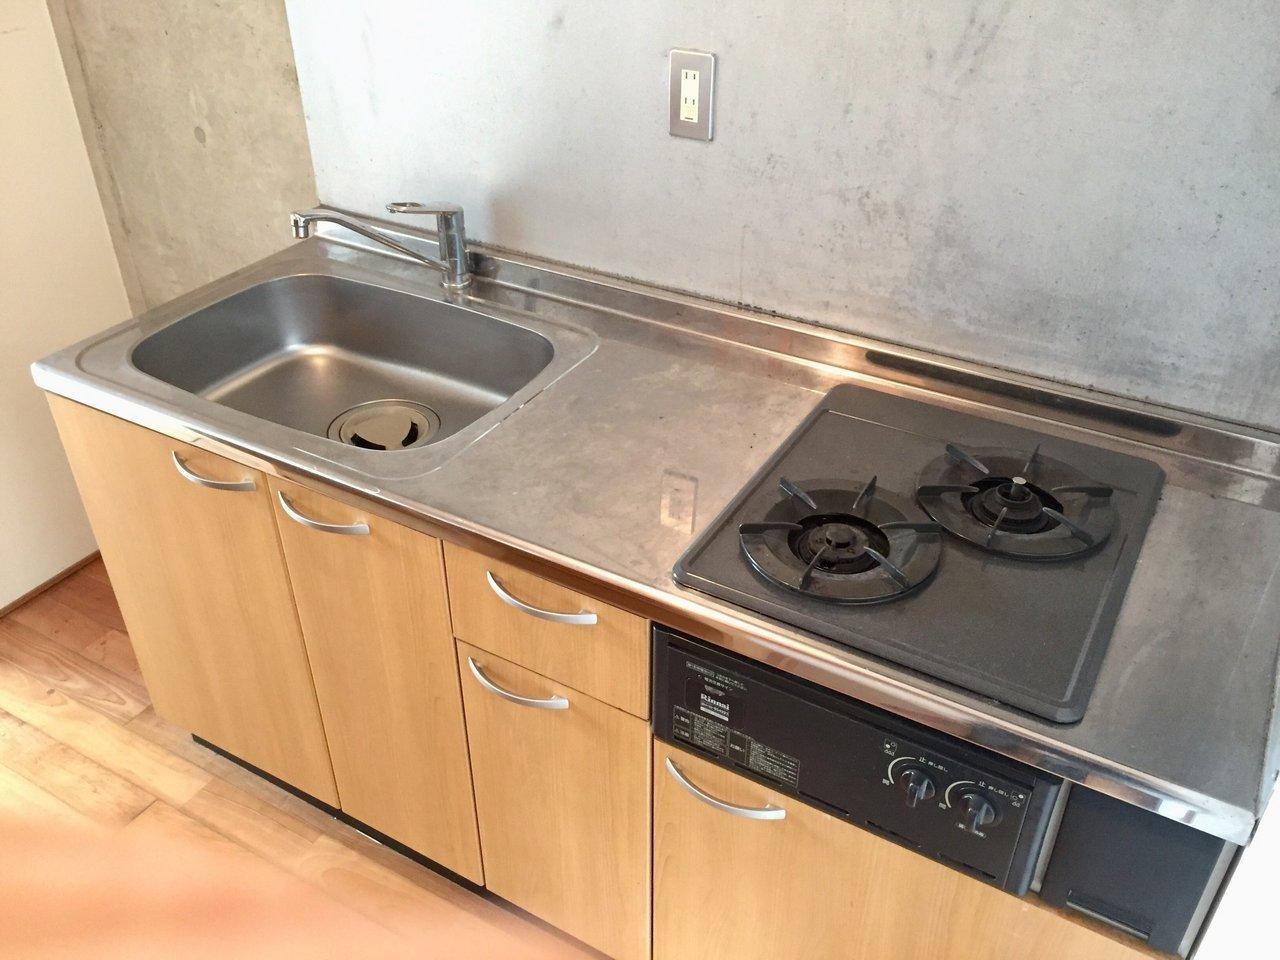 個人的に嬉しいのは、このキッチン。ガス2口にグリル付き、デザインもいいです。